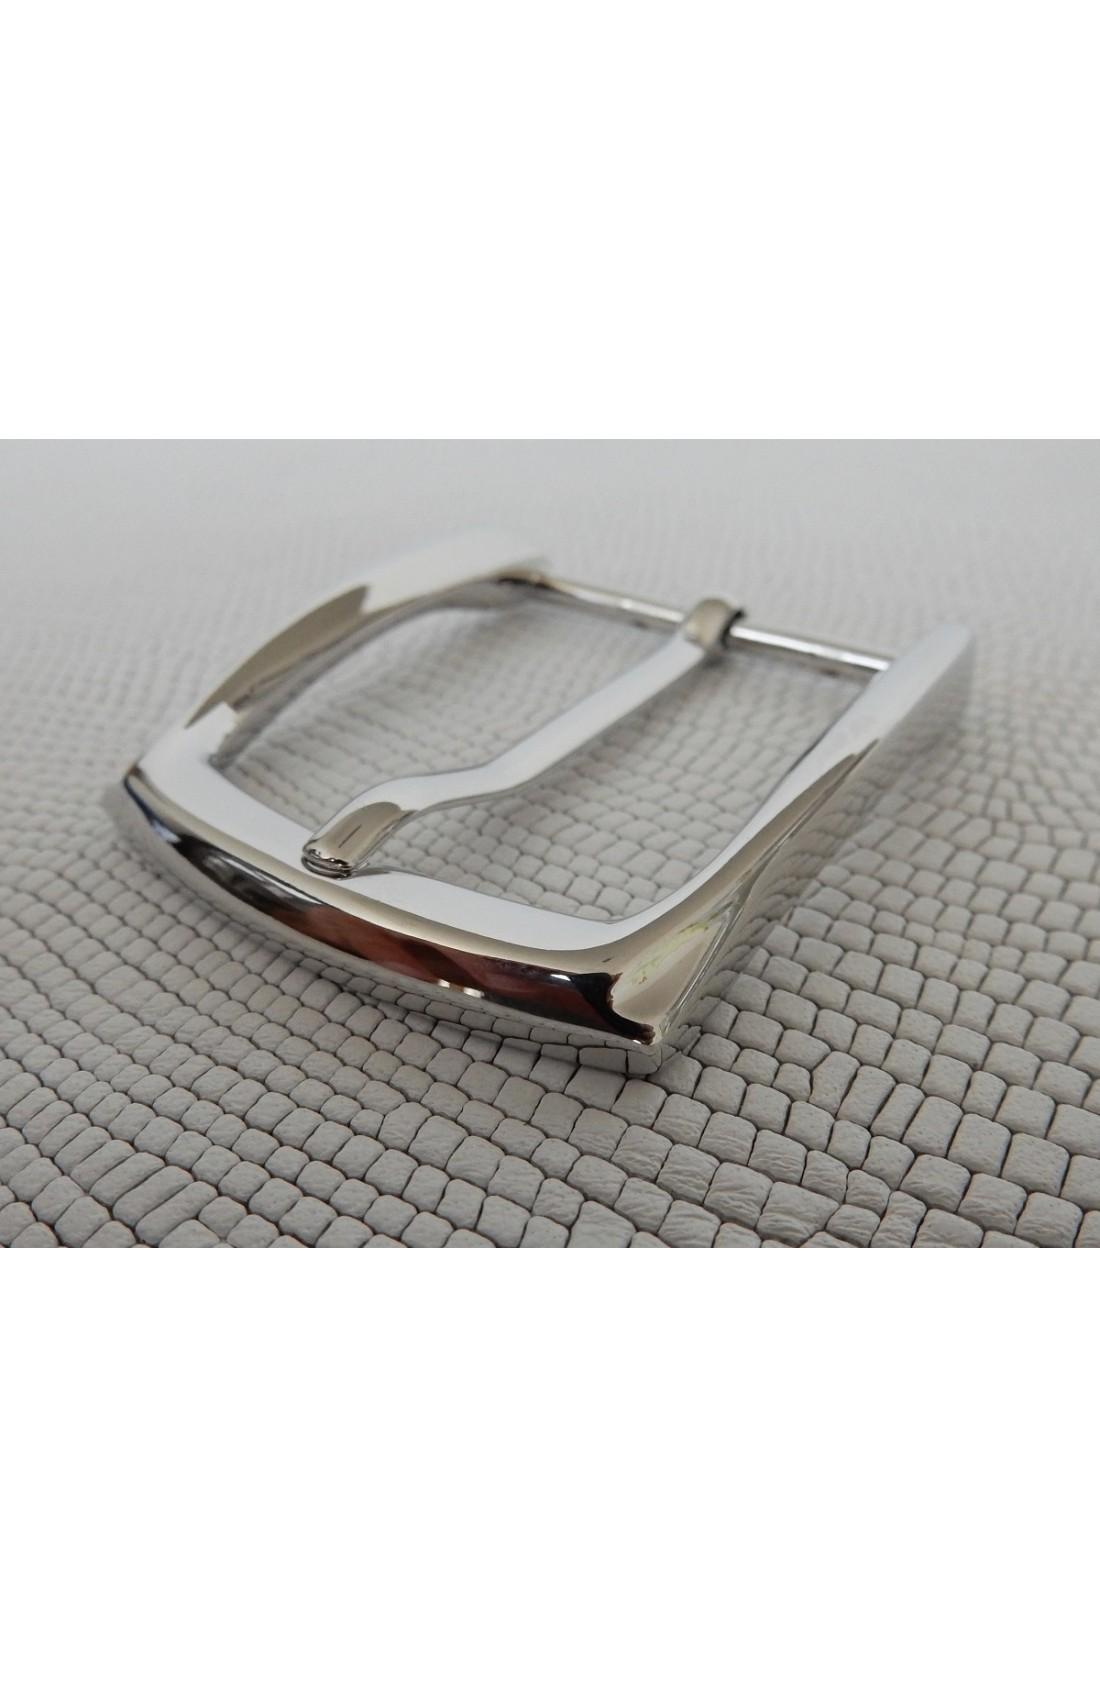 Fibbia Standard L 111 mm.35 nikel free (2)